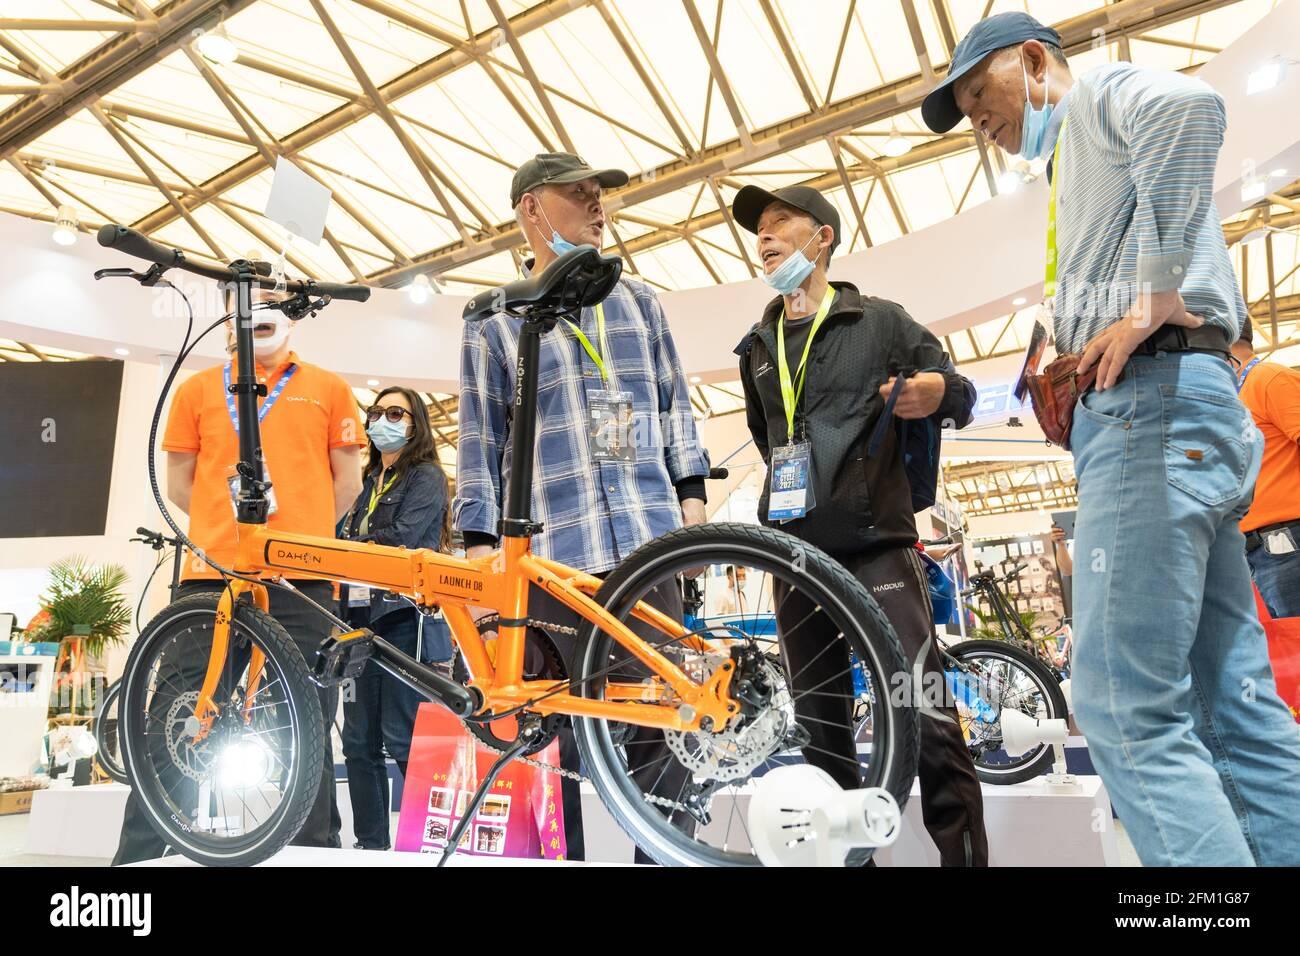 Shanghai. 5 mai 2021. Les visiteurs parlent d'un vélo pliant lors de la 30e China International Bicycle Fair dans l'est de la Chine Shanghai, le 5 mai 2021. L'événement de quatre jours a débuté mercredi, attirant plus de 1,000 entreprises à y participer. Credit: CAI Yang/Xinhua/Alay Live News Banque D'Images